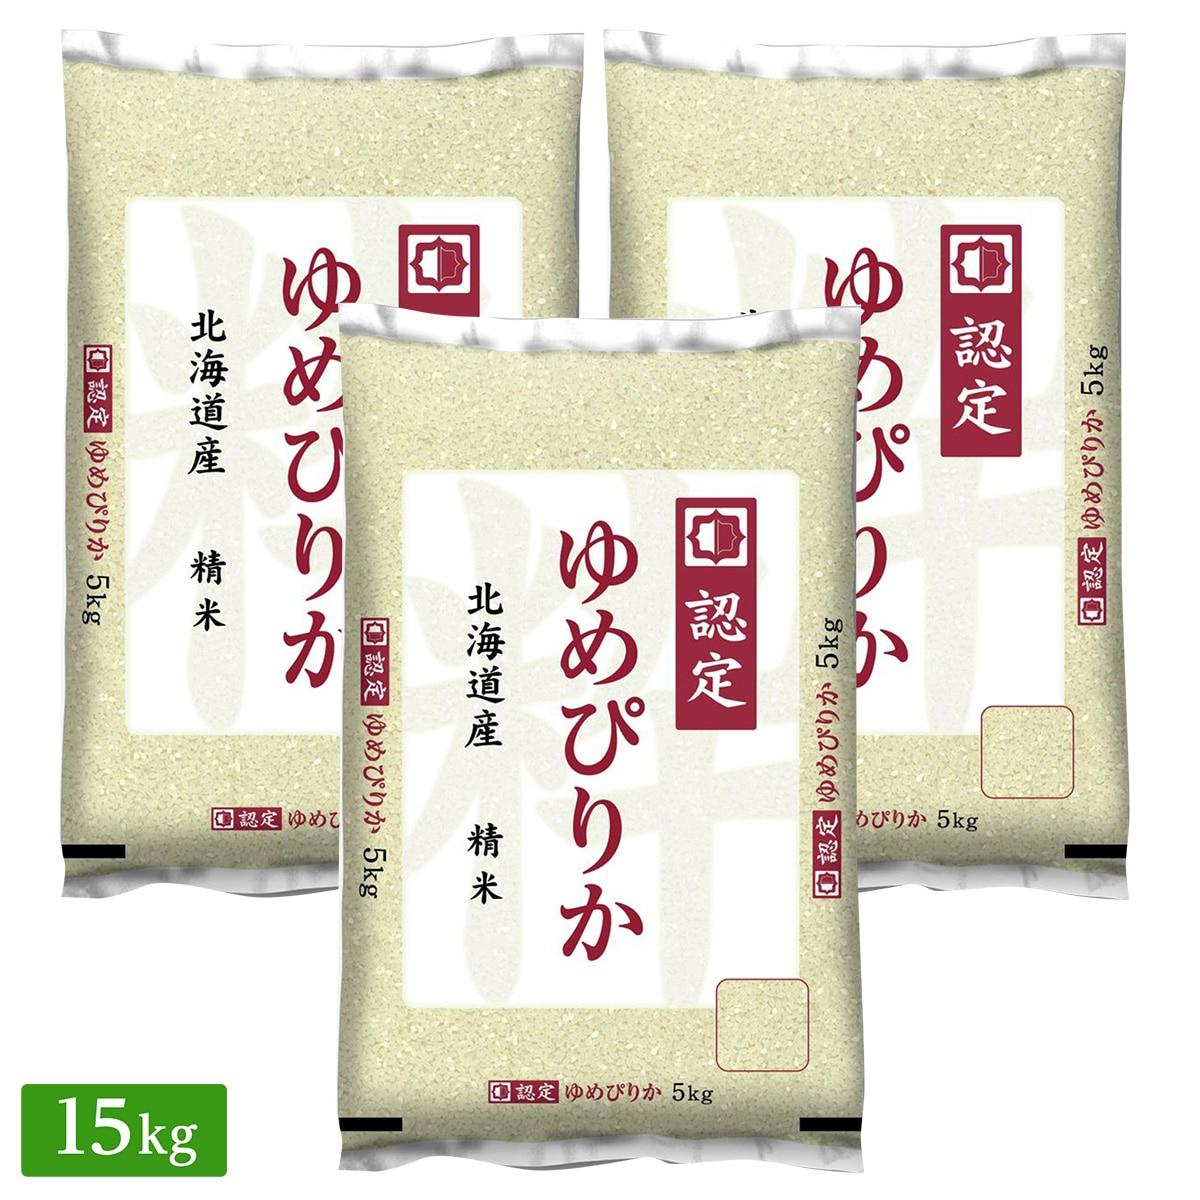 ■◇令和2年産 北海道産 特A ゆめぴりか 15kg(5kg×3袋)